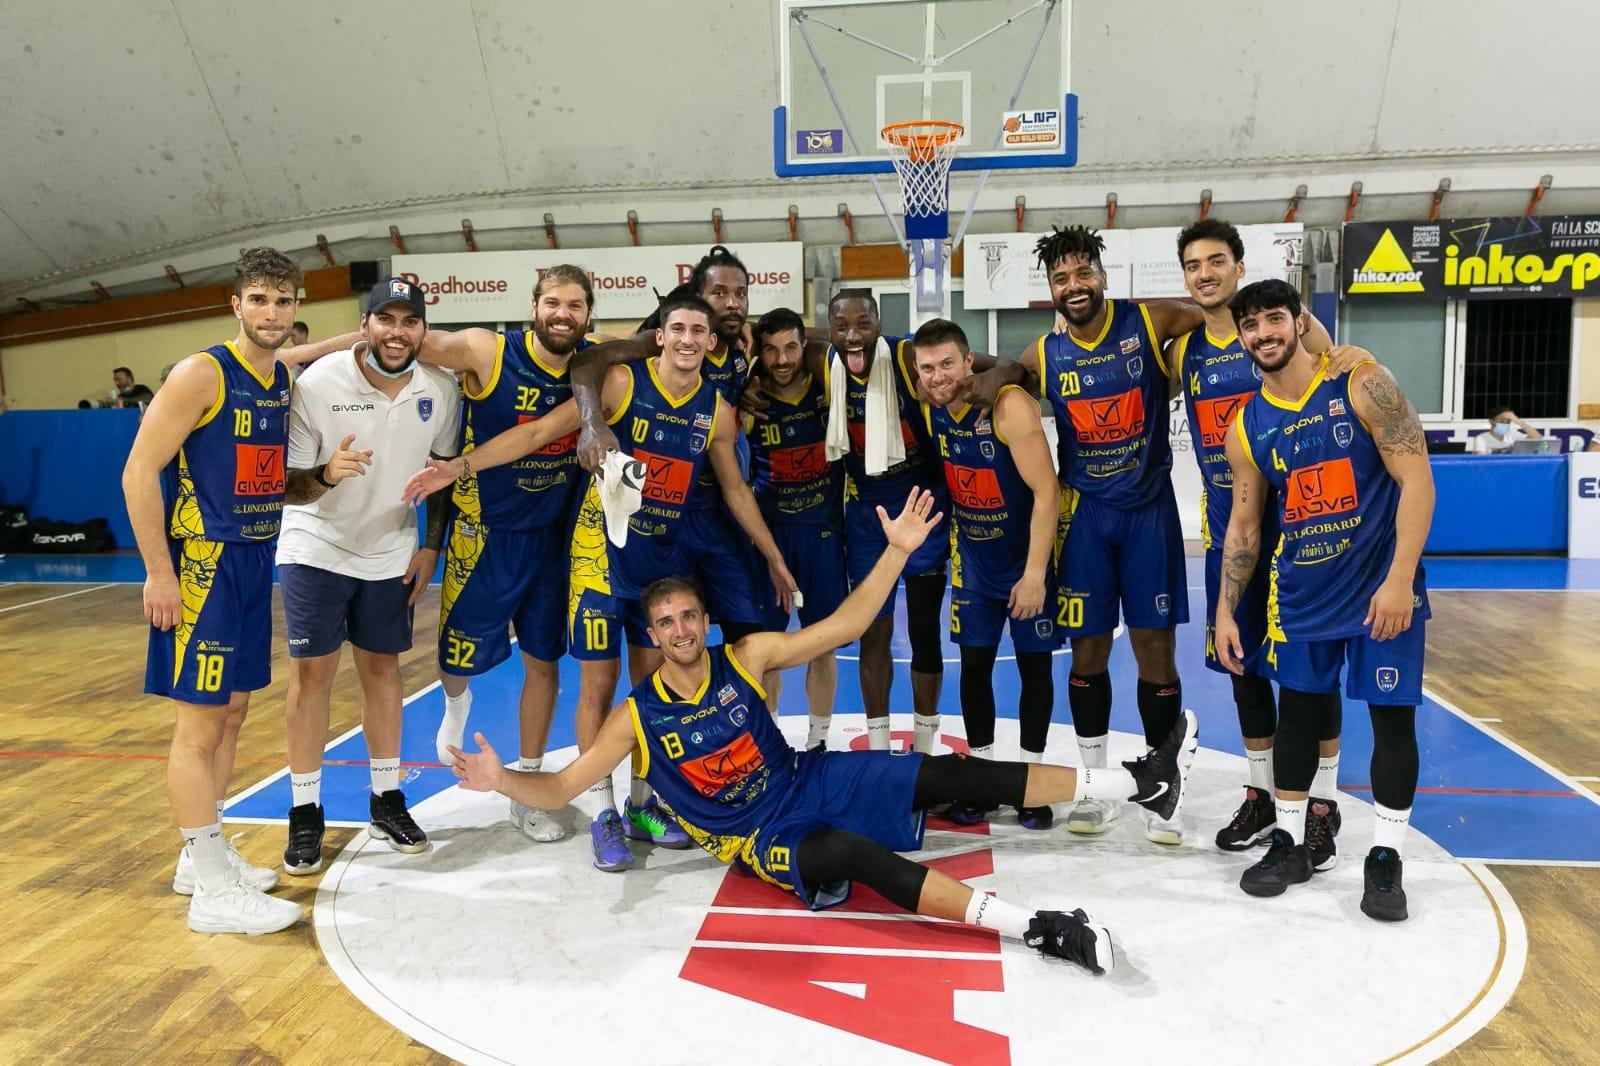 La Givova Scafati esulta al termine della sfida contro Eurobasket Roma